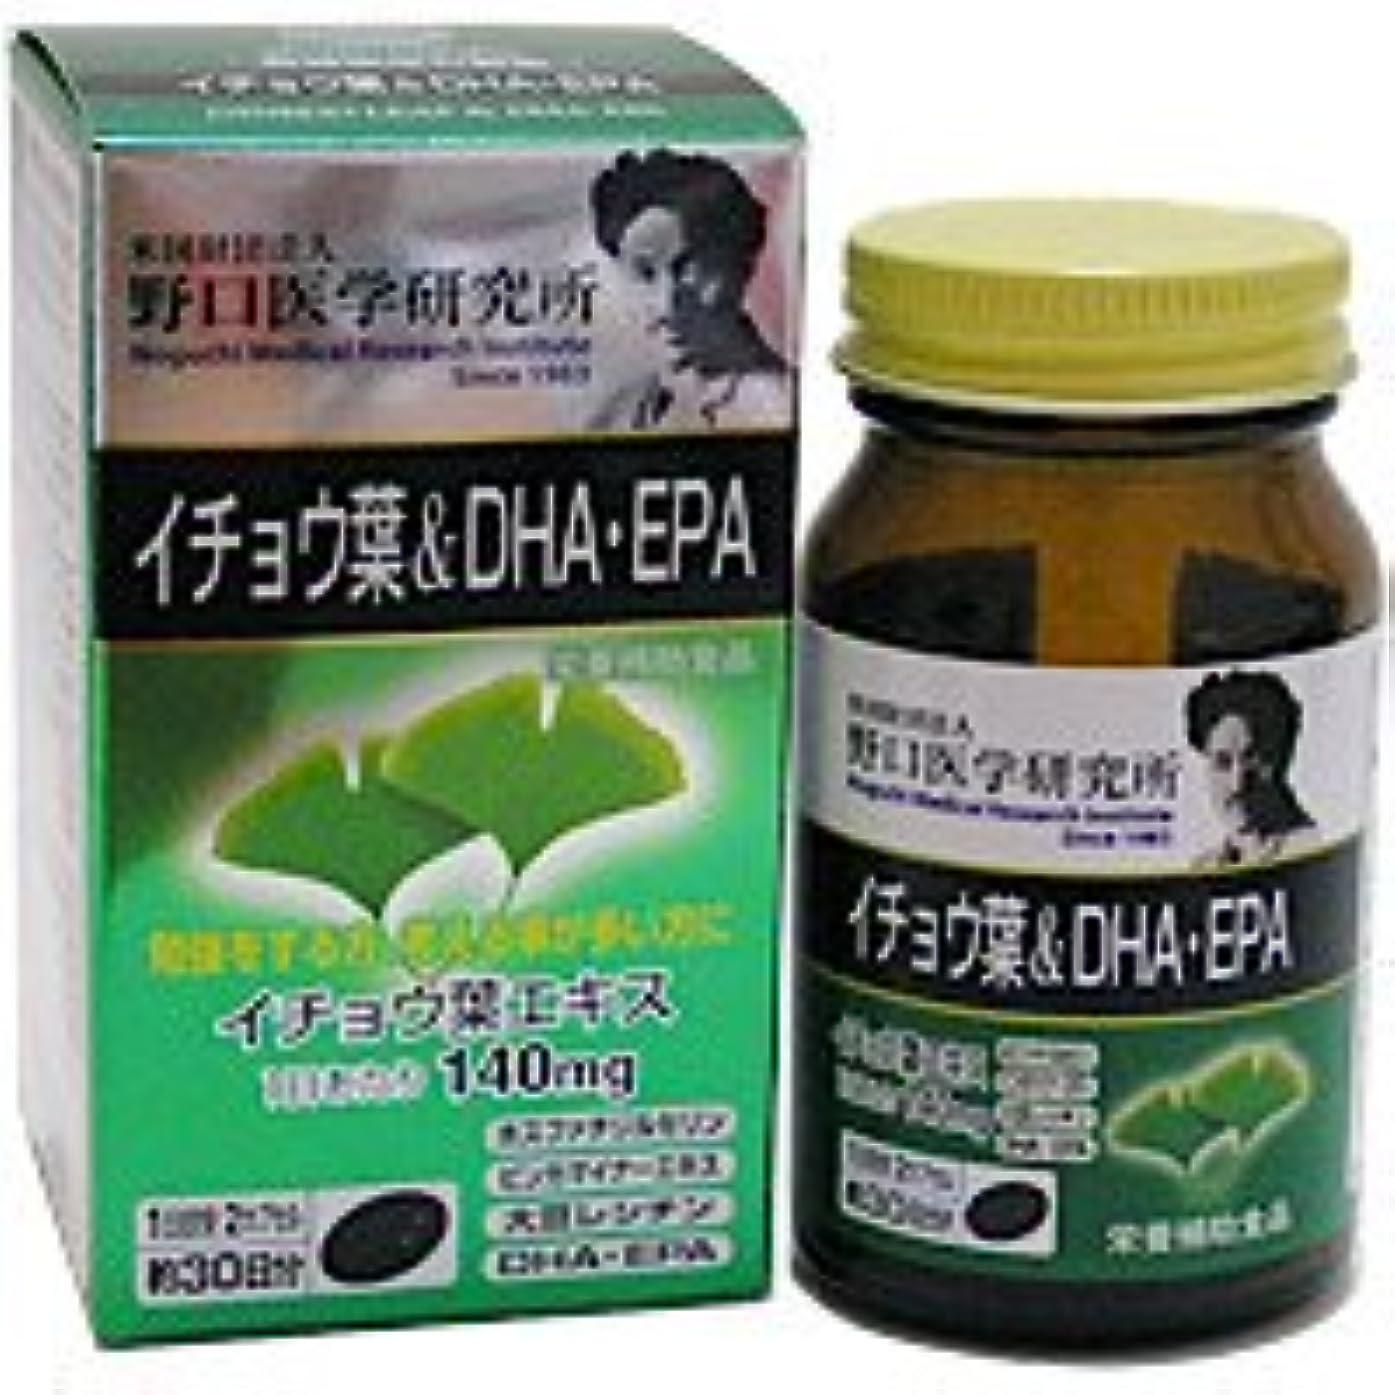 トロリーしなやかユーザー野口医学研究所 イチョウ葉&DHA+EPA60粒5個セット